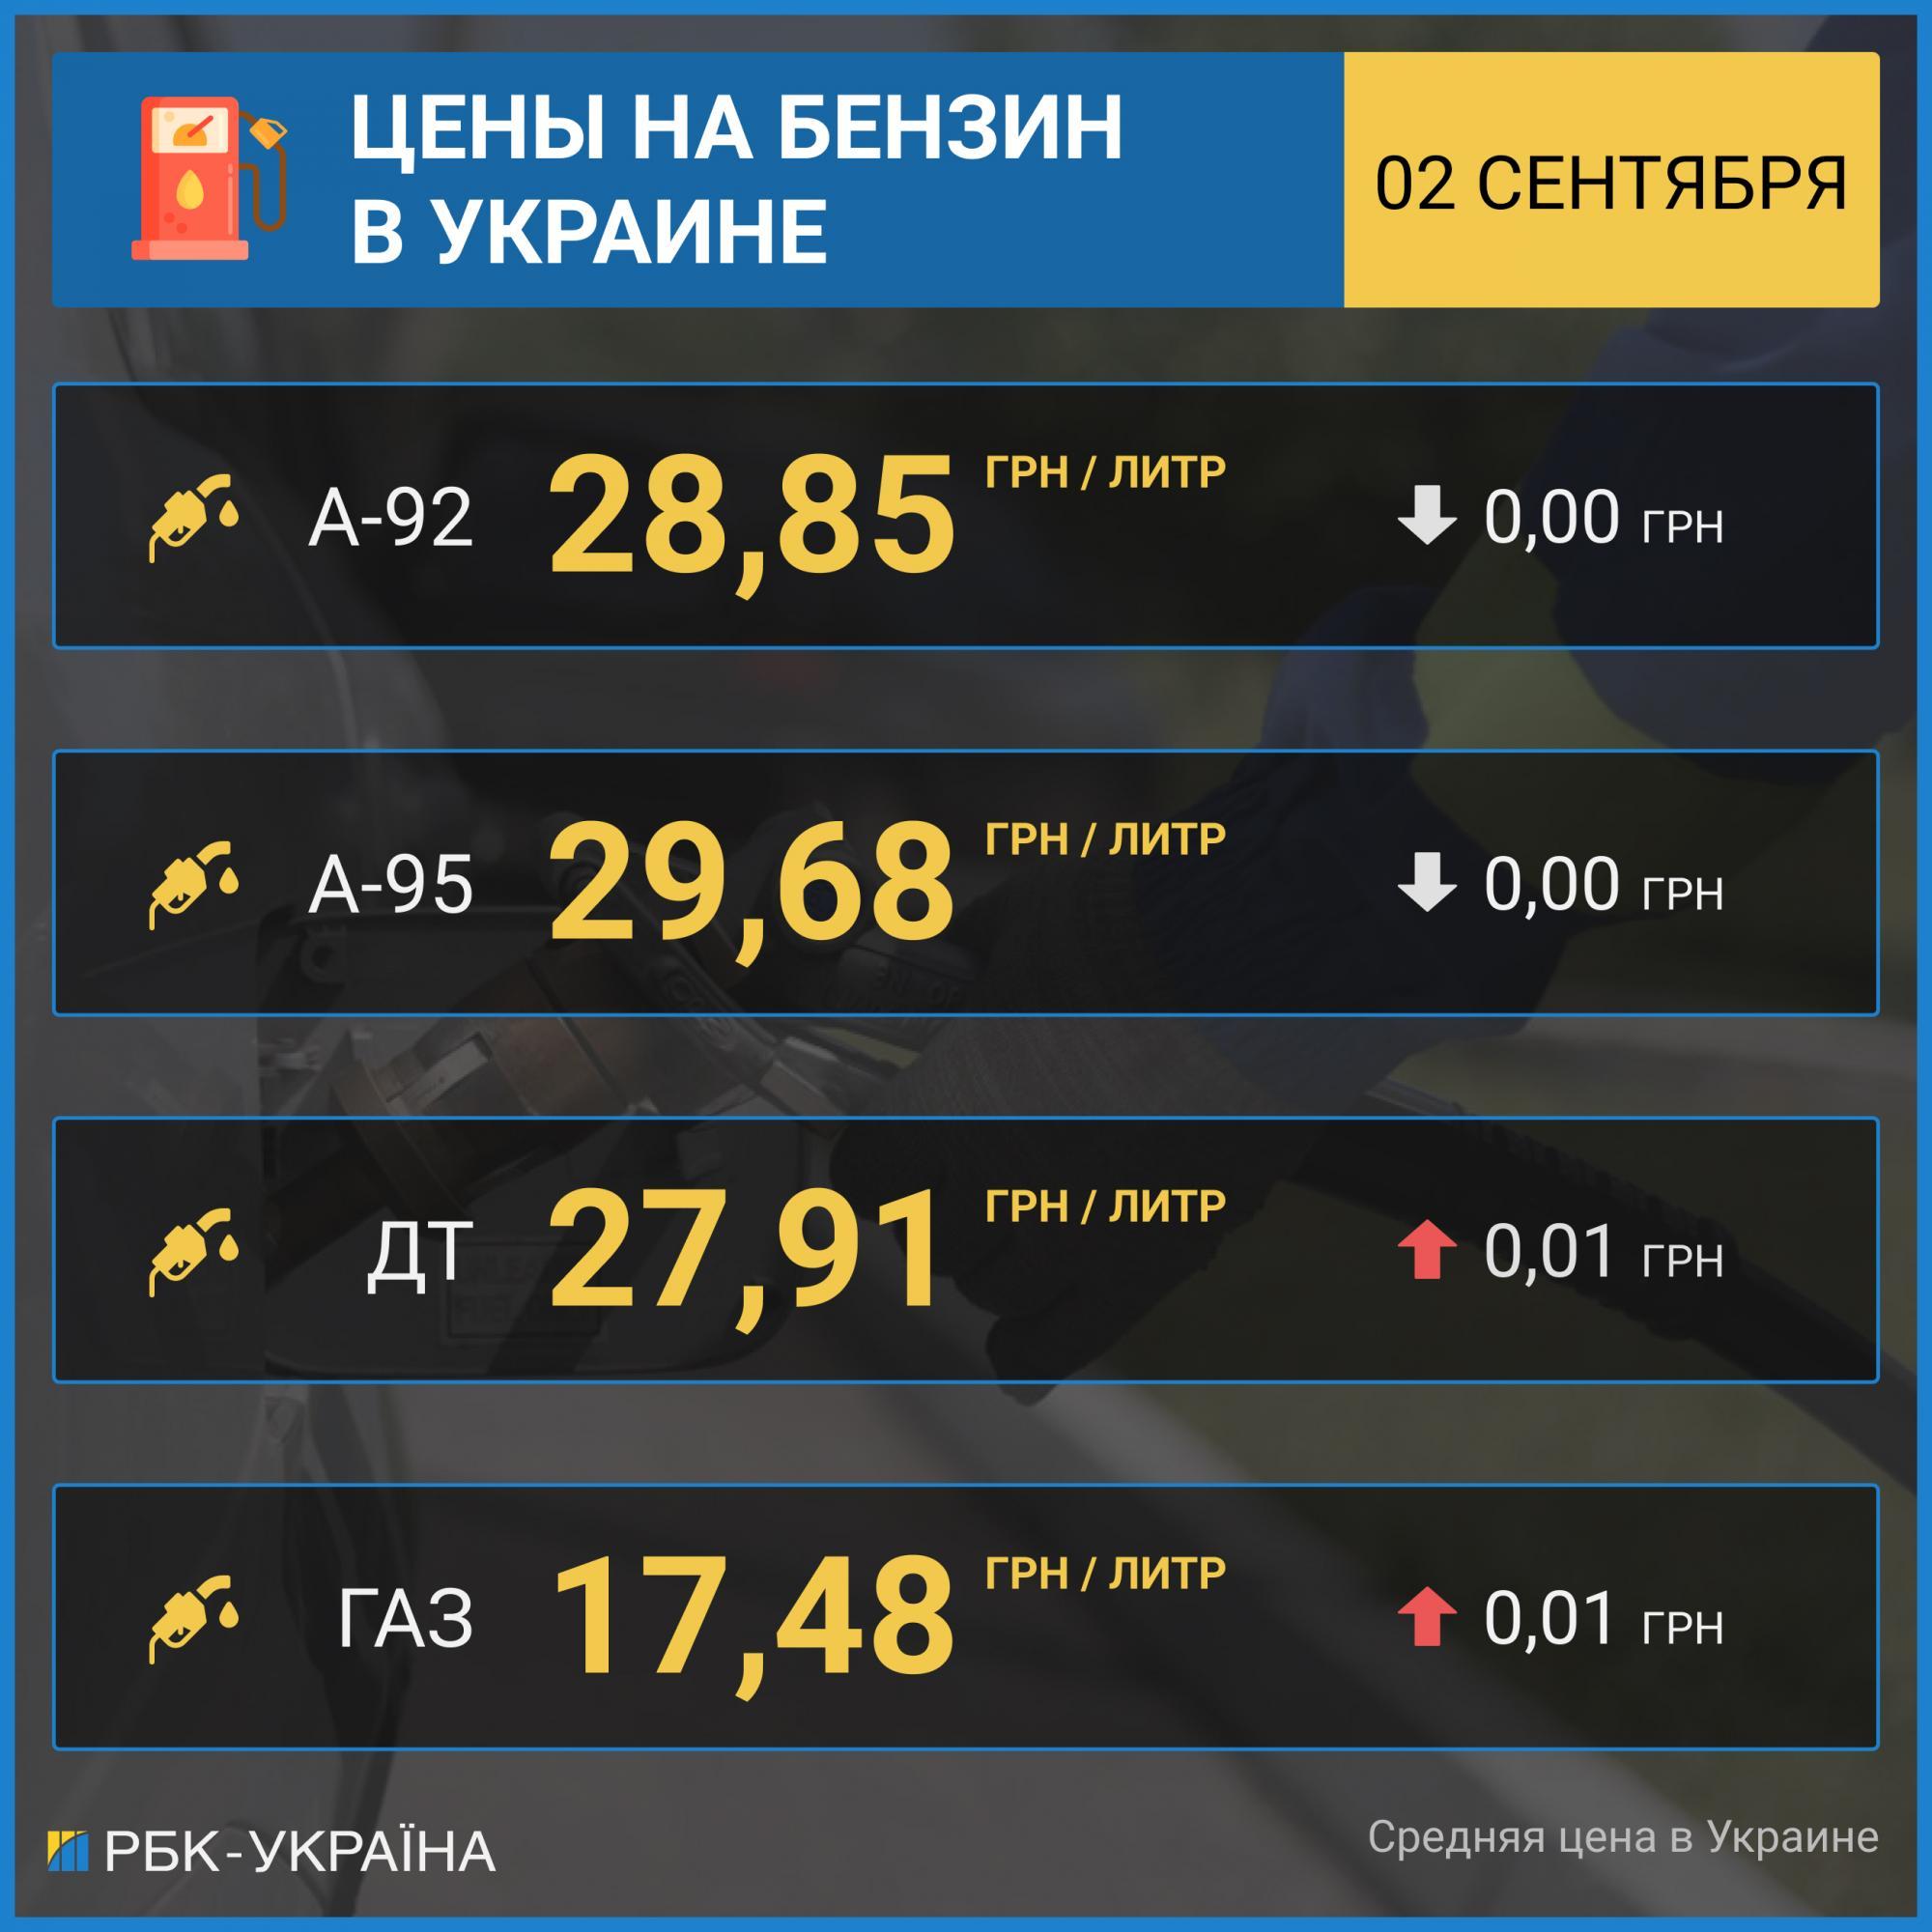 Цены на бензин прекратили снижение, автогаз дорожает